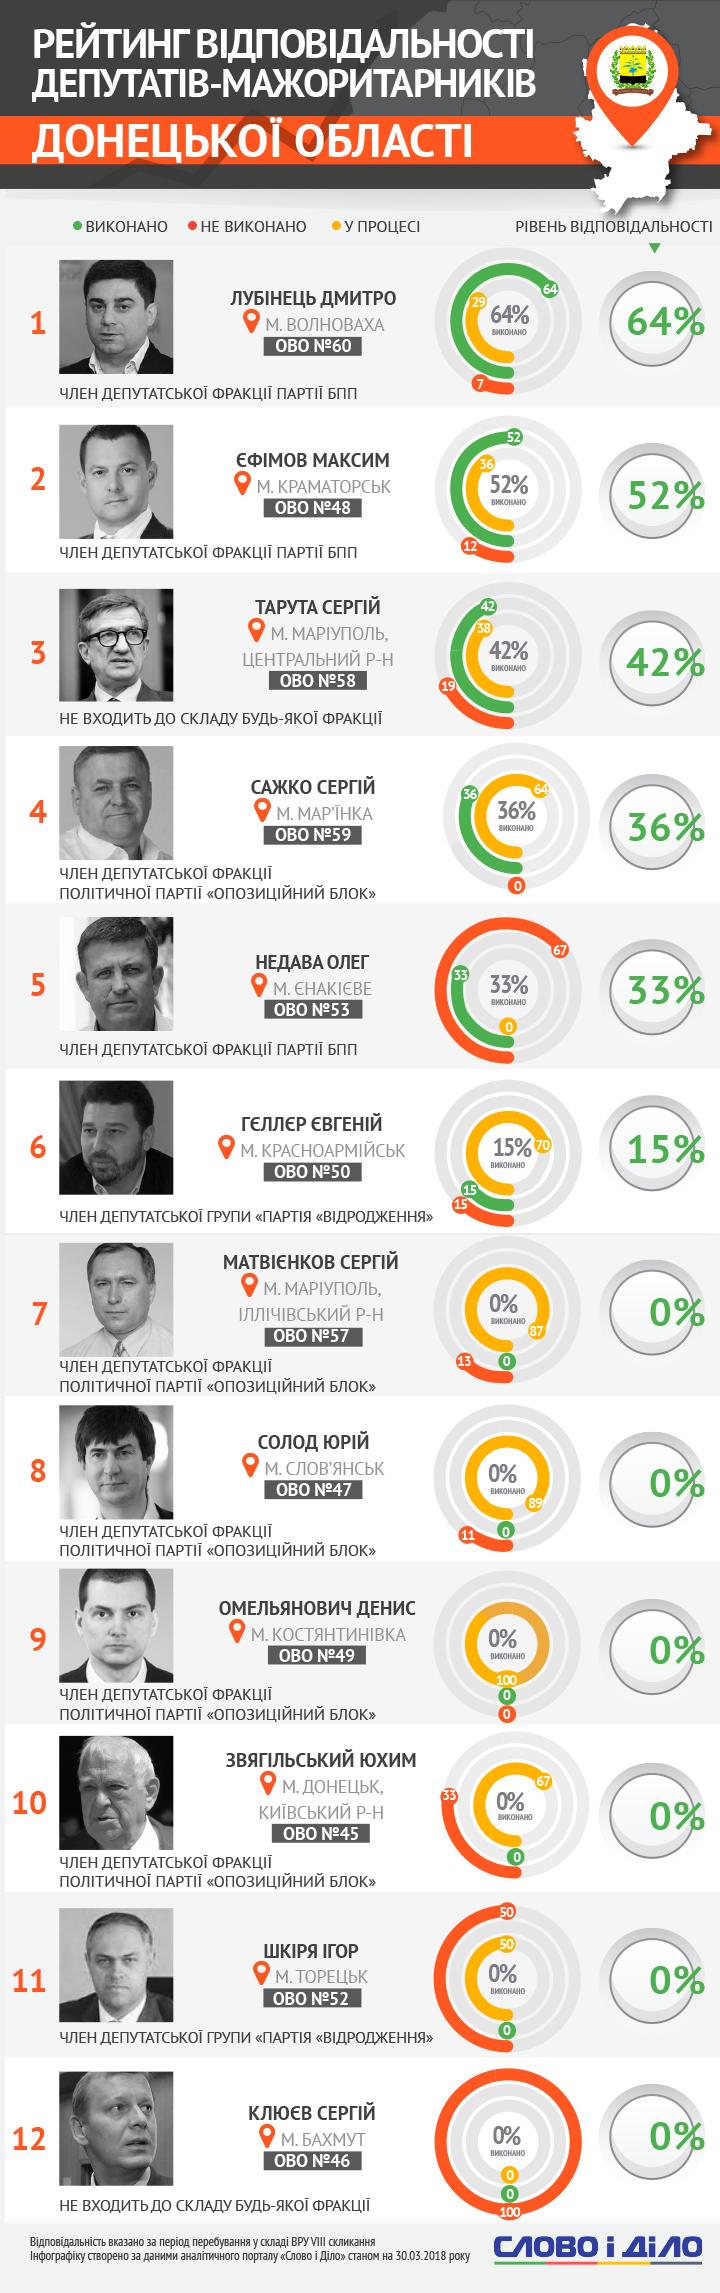 Омельянович не выполнил ни одного своего обязательства